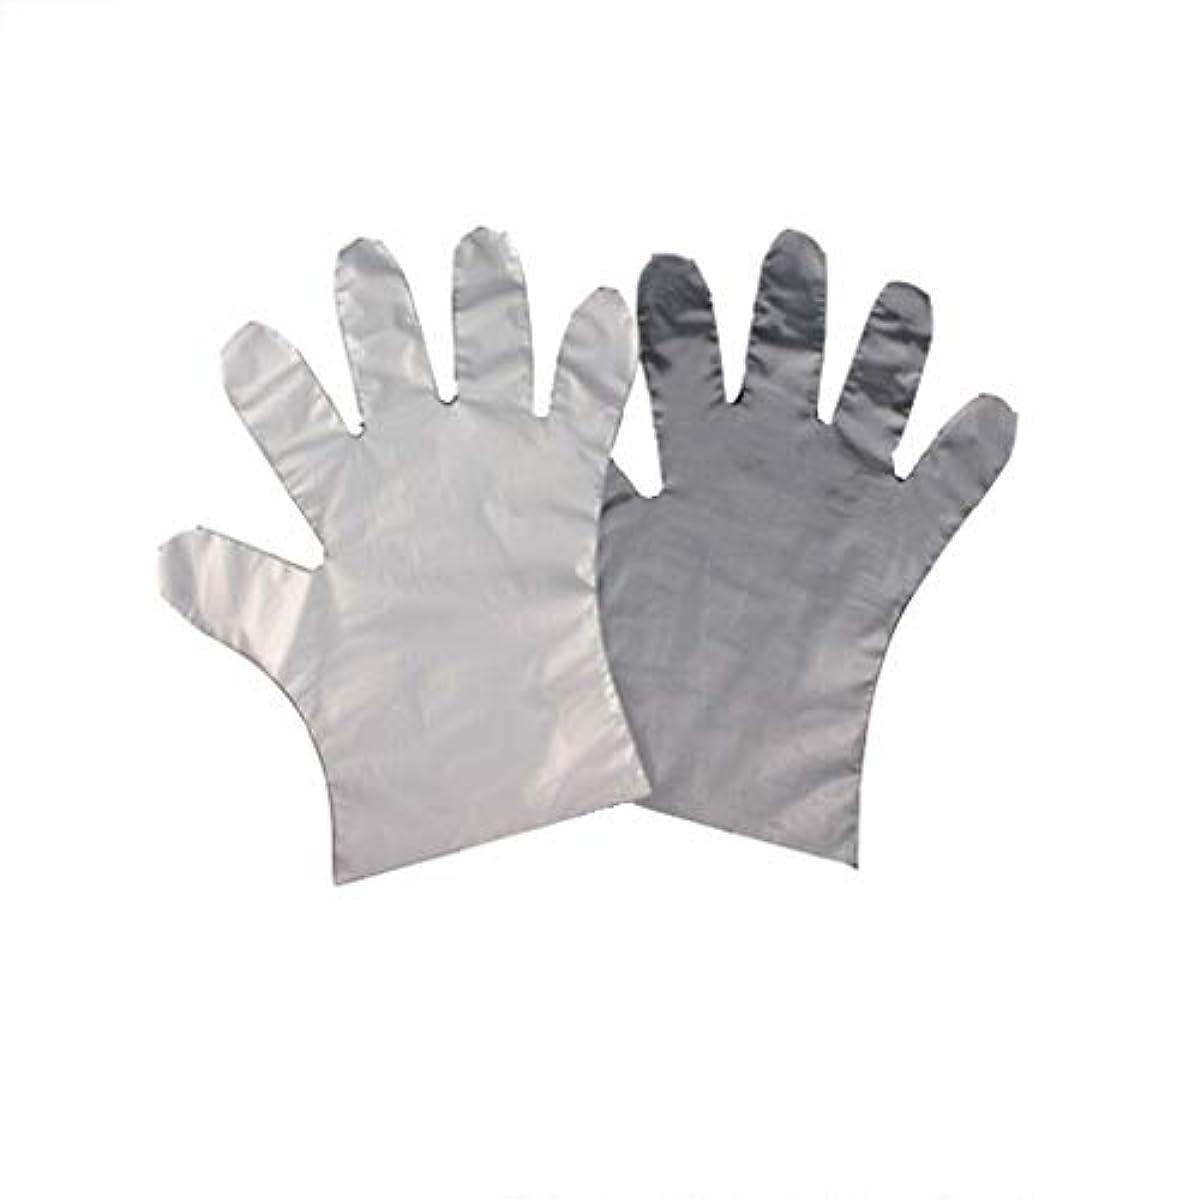 コントロール唯一ベッド手袋、使い捨てPE手袋、食品の肥厚、透明な2つのオープンポケット-600のみ。